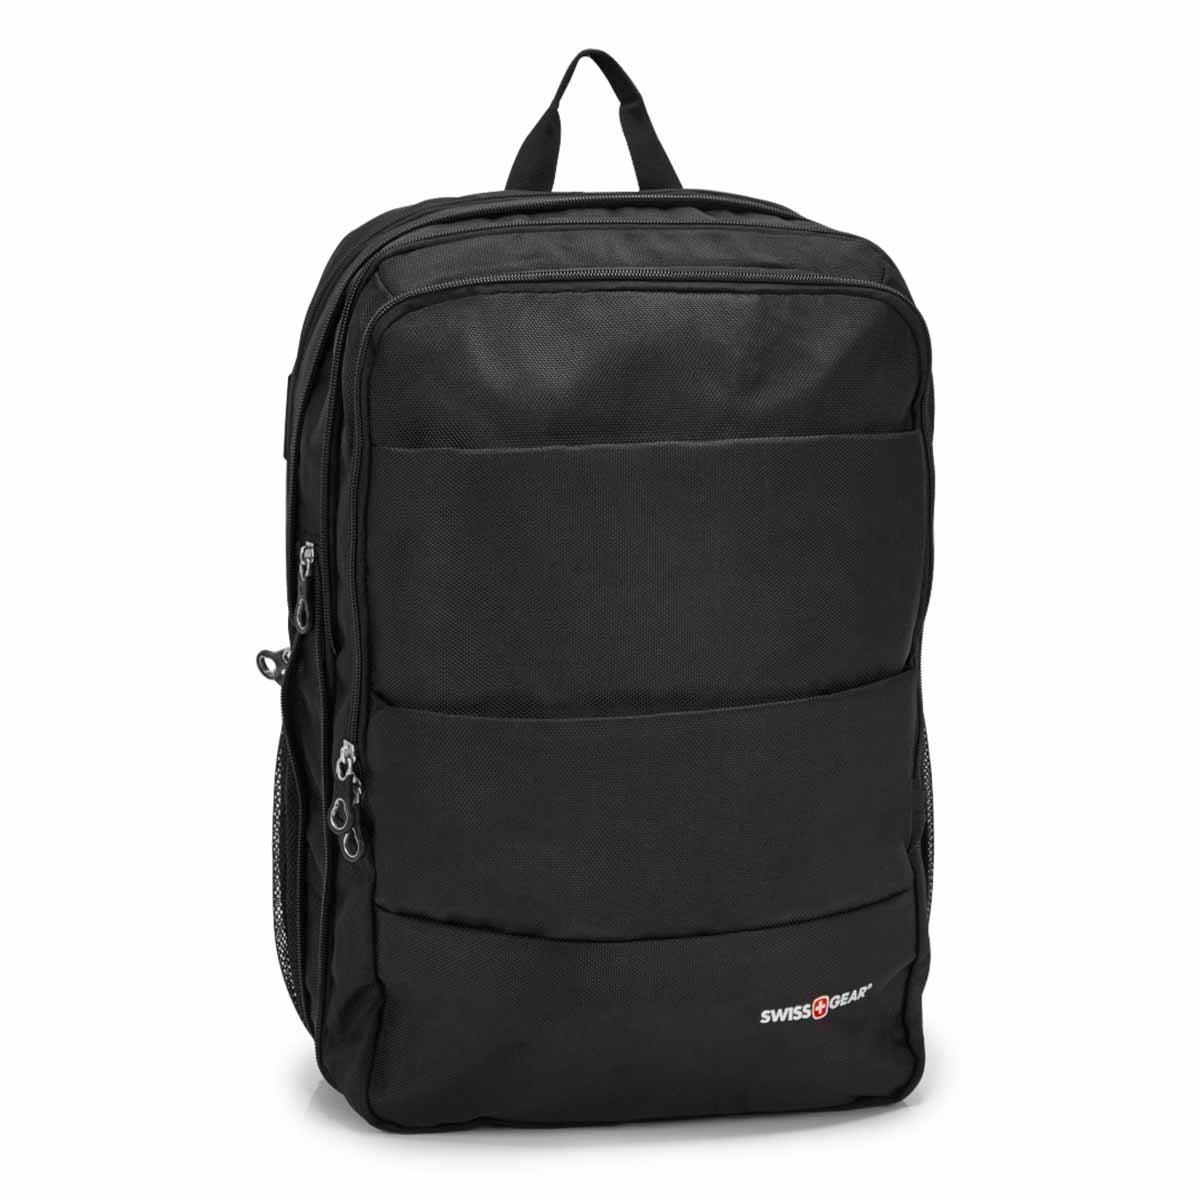 Unisex Swiss Gear black backpack